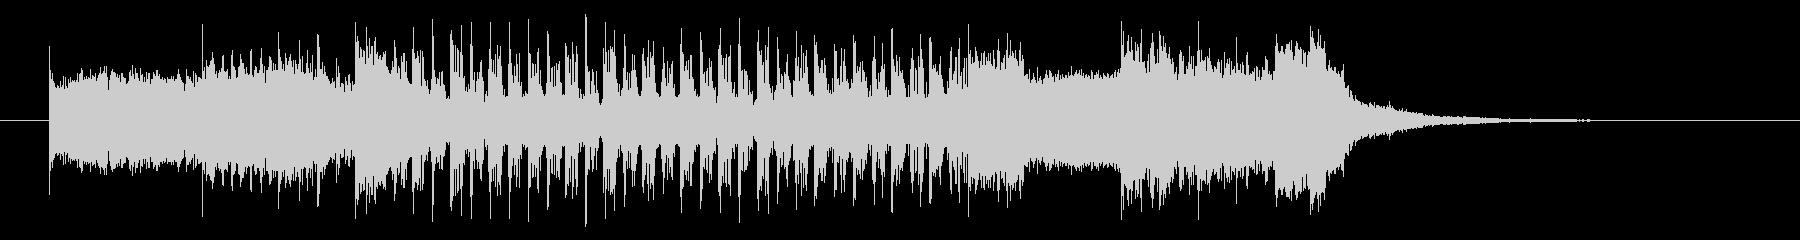 速さのあるギターのパンクロックの曲の未再生の波形